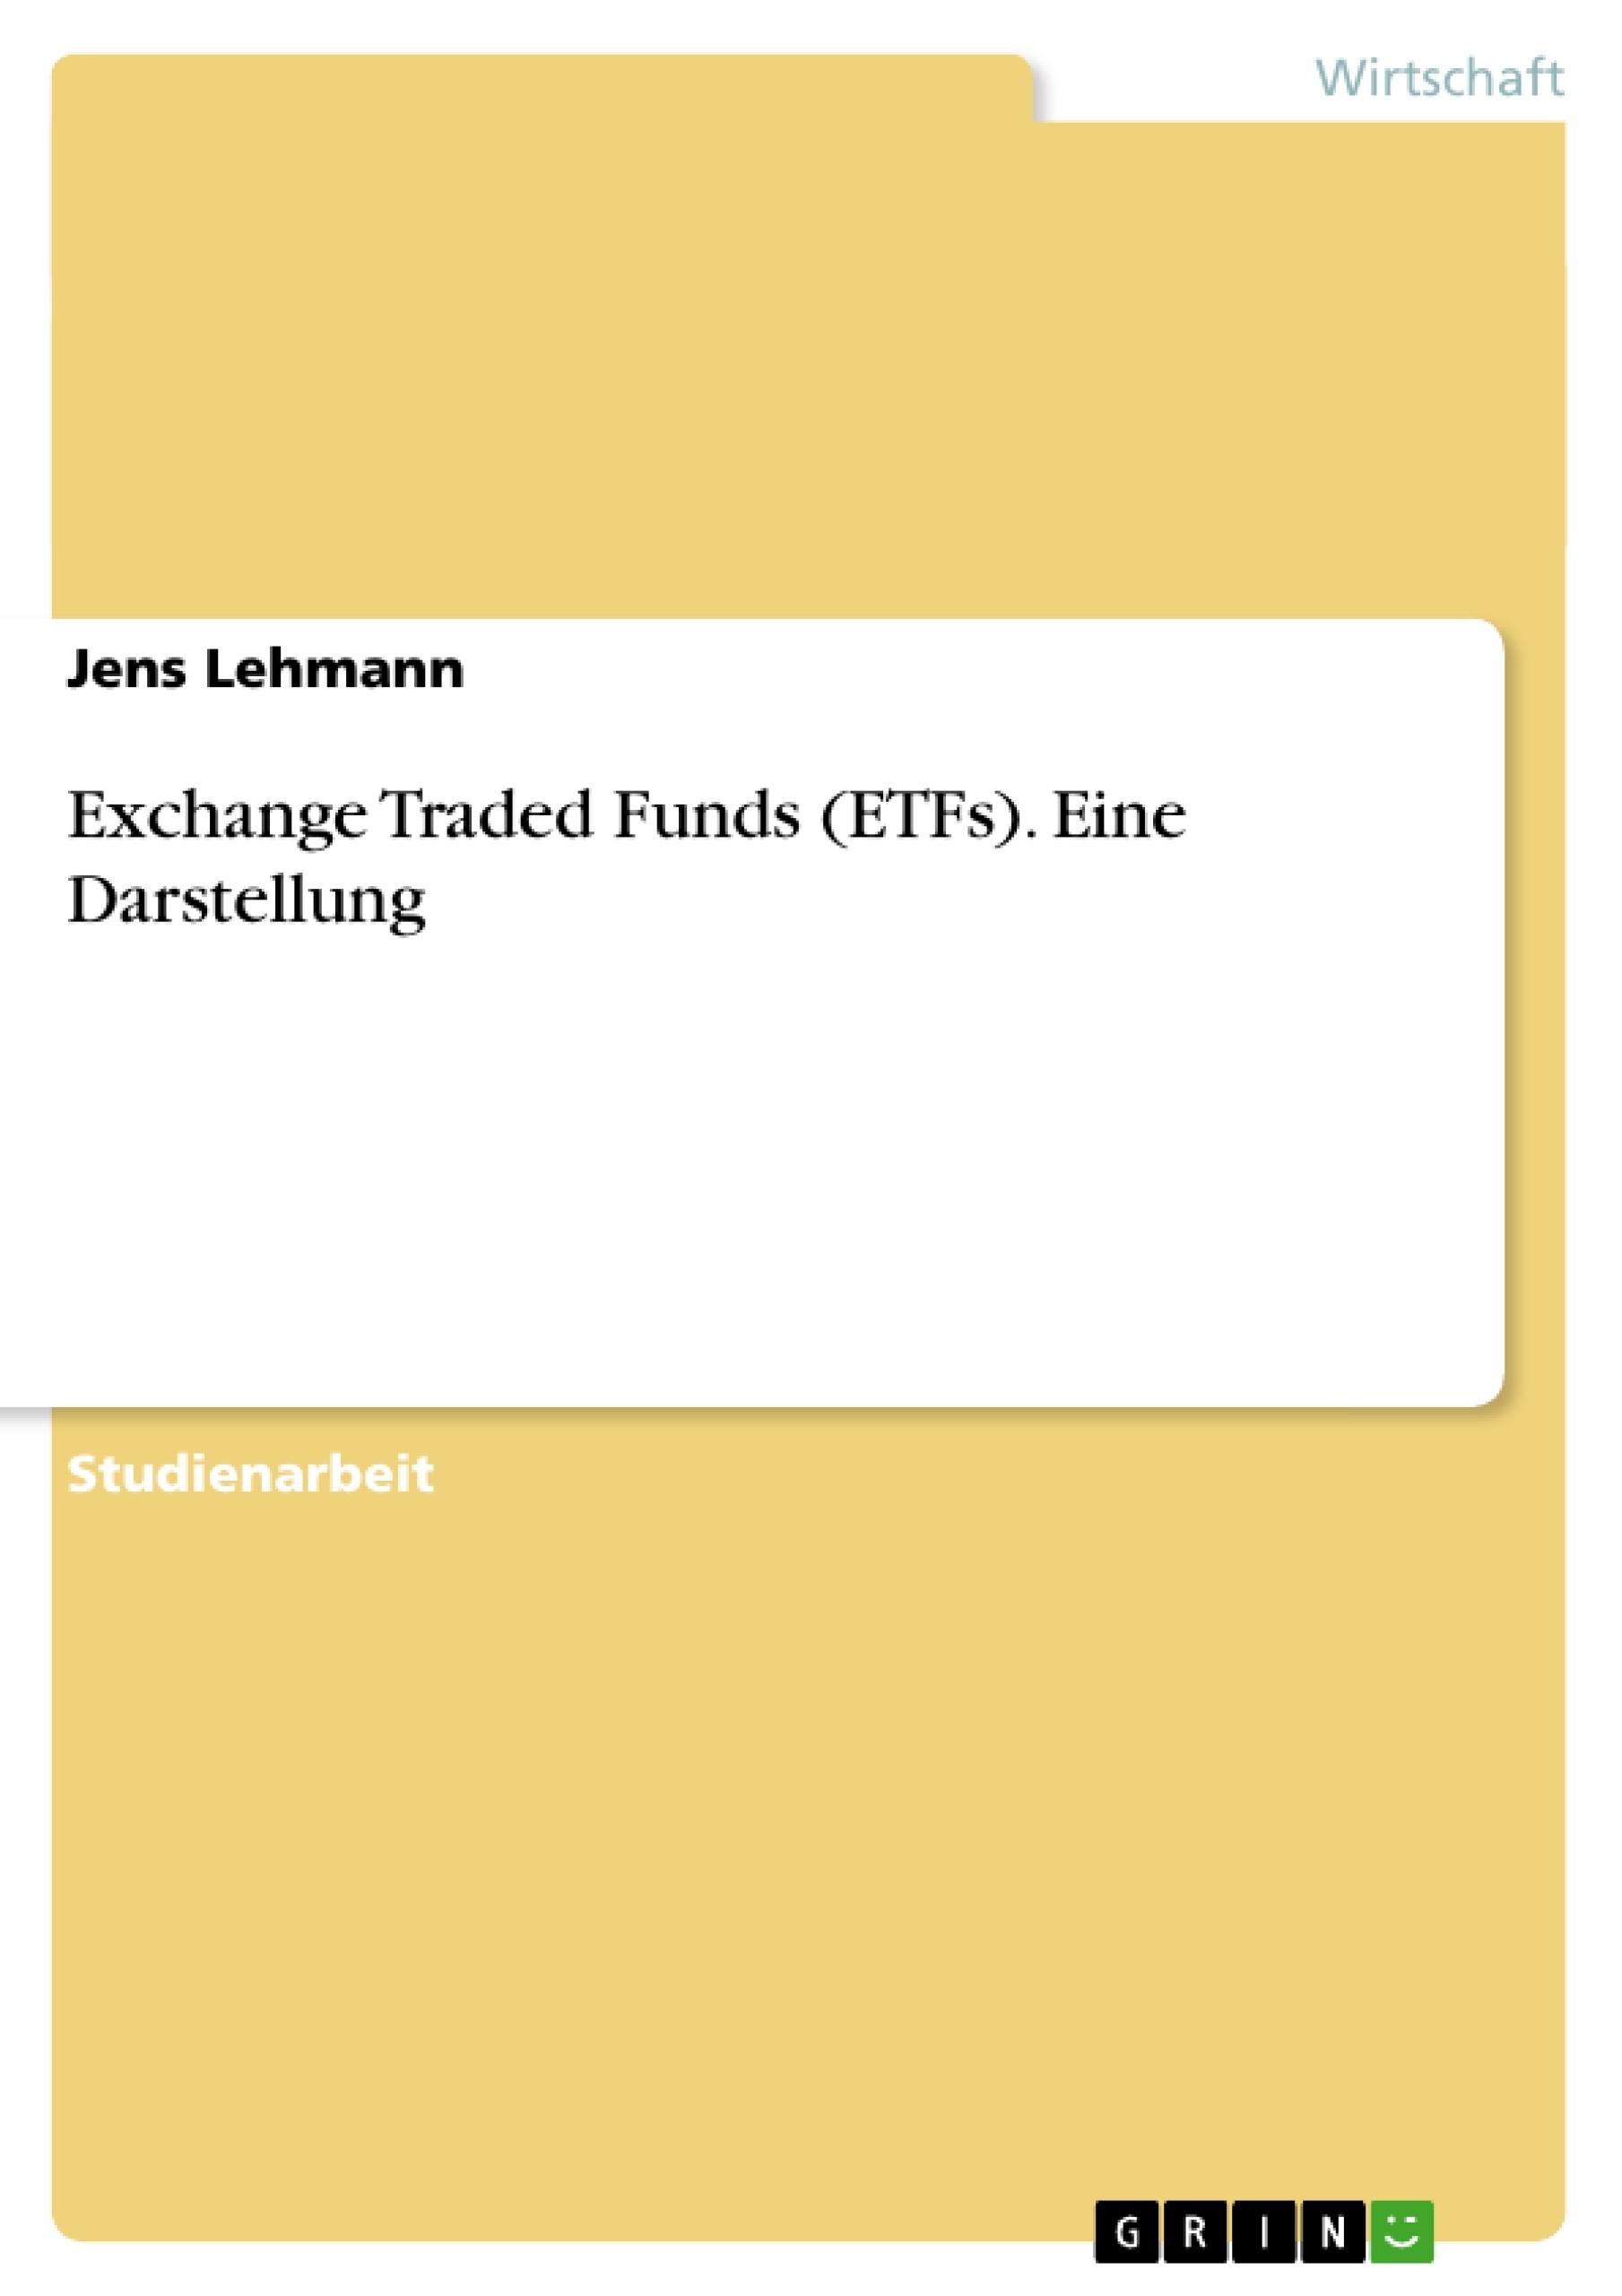 Titel: Exchange Traded Funds (ETFs). Eine Darstellung